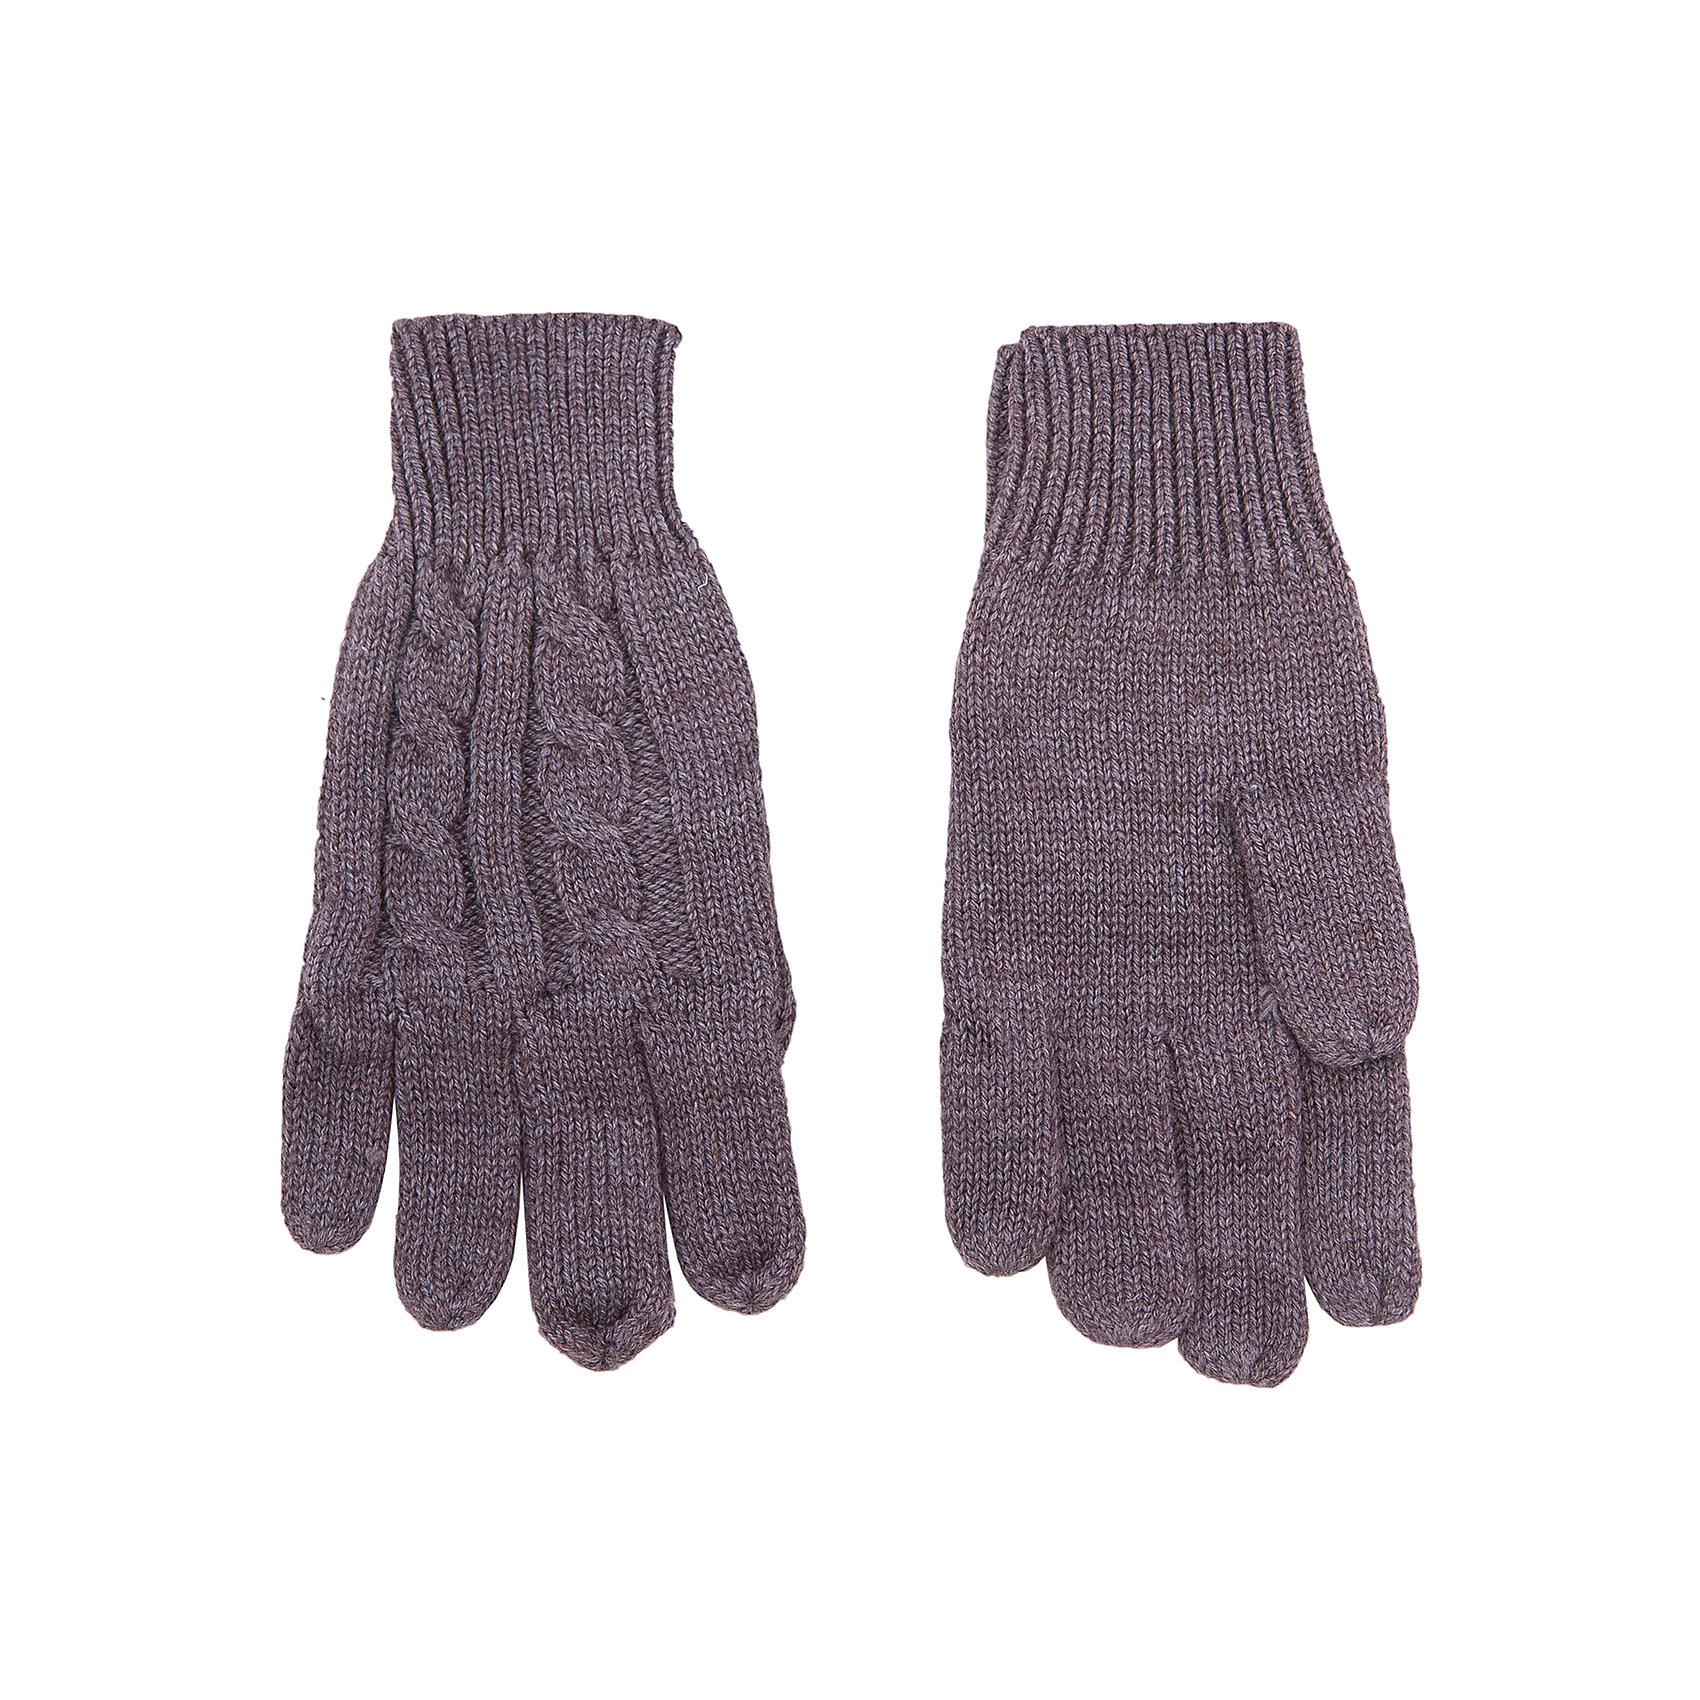 Перчатки для мальчика SELAПерчатки, варежки<br>Удобные теплые перчатки - незаменимая вещь в прохладное время года. Эта модель отлично сидит на руке, она сделана из плотного материала, позволяет гулять с комфортом на свежем воздухе зимой. Качественная пряжа не вызывает аллергии и обеспечивает ребенку комфорт. Модель будет уместна в различных сочетаниях.<br>Одежда от бренда Sela (Села) - это качество по приемлемым ценам. Многие российские родители уже оценили преимущества продукции этой компании и всё чаще приобретают одежду и аксессуары Sela.<br><br>Дополнительная информация:<br><br>цвет: серый;<br>материал: 40% ПЭ, 30% акрил, 20% нейлон, 10% шерсть;<br>вязаный узор.<br><br>Перчатки для мальчика от бренда Sela можно купить в нашем интернет-магазине.<br><br>Ширина мм: 162<br>Глубина мм: 171<br>Высота мм: 55<br>Вес г: 119<br>Цвет: коричневый<br>Возраст от месяцев: 3<br>Возраст до месяцев: 6<br>Пол: Мужской<br>Возраст: Детский<br>Размер: 6.5,5<br>SKU: 5008008